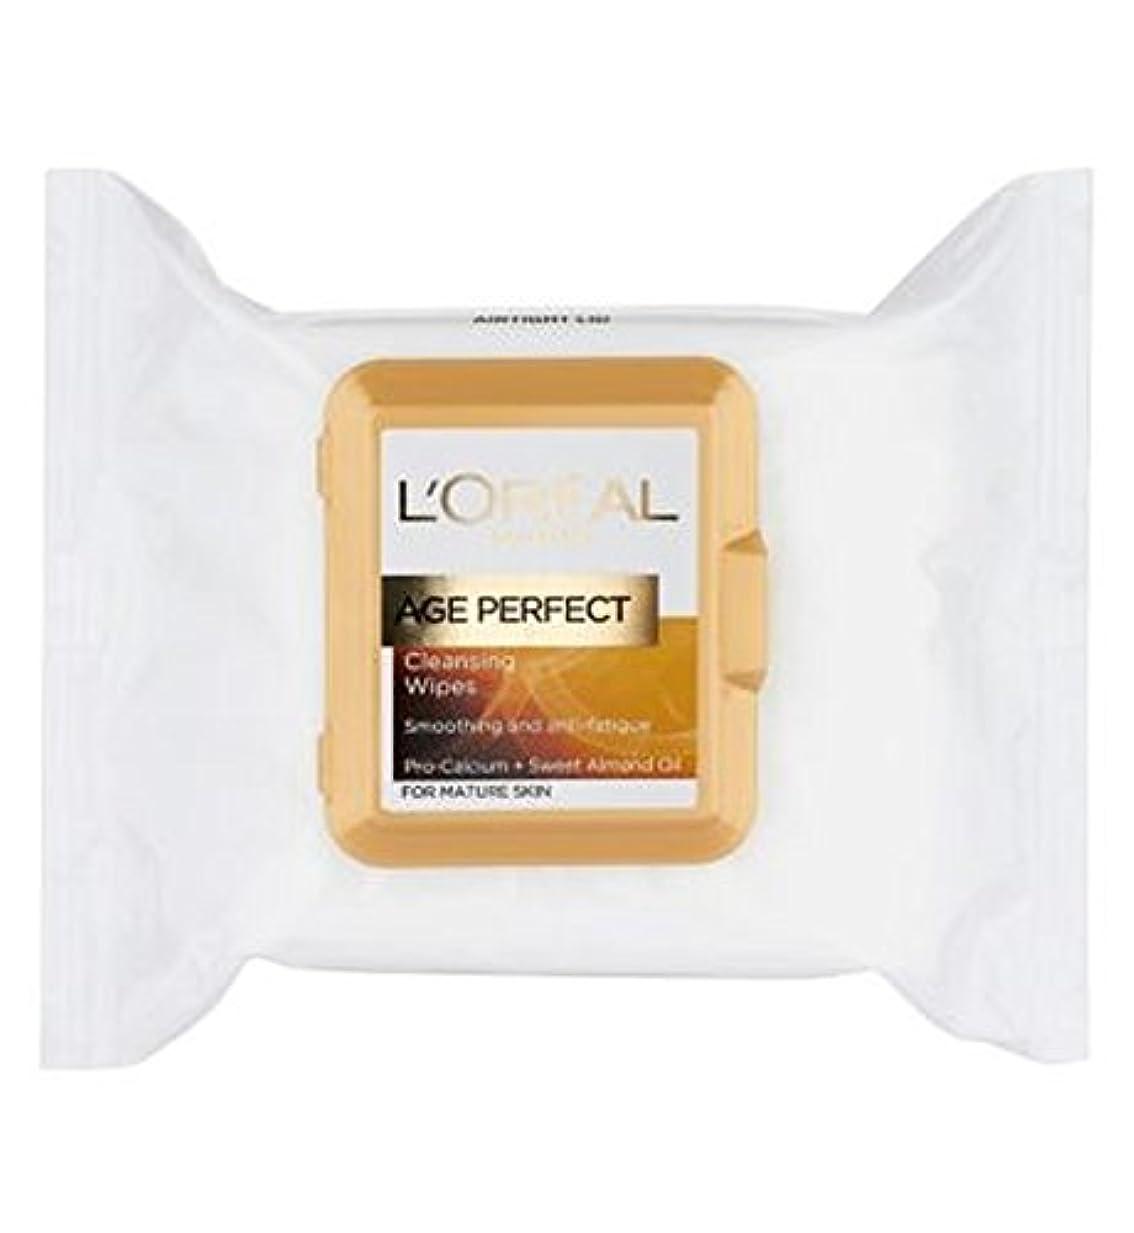 献身韻物思いにふけるL'Oreall Dermo-Expertise Age Smoothing Perfect Cleansing Wipes For Mature Skin 25s - 完璧なクレンジングを平滑L'Oreall真皮専門知識...